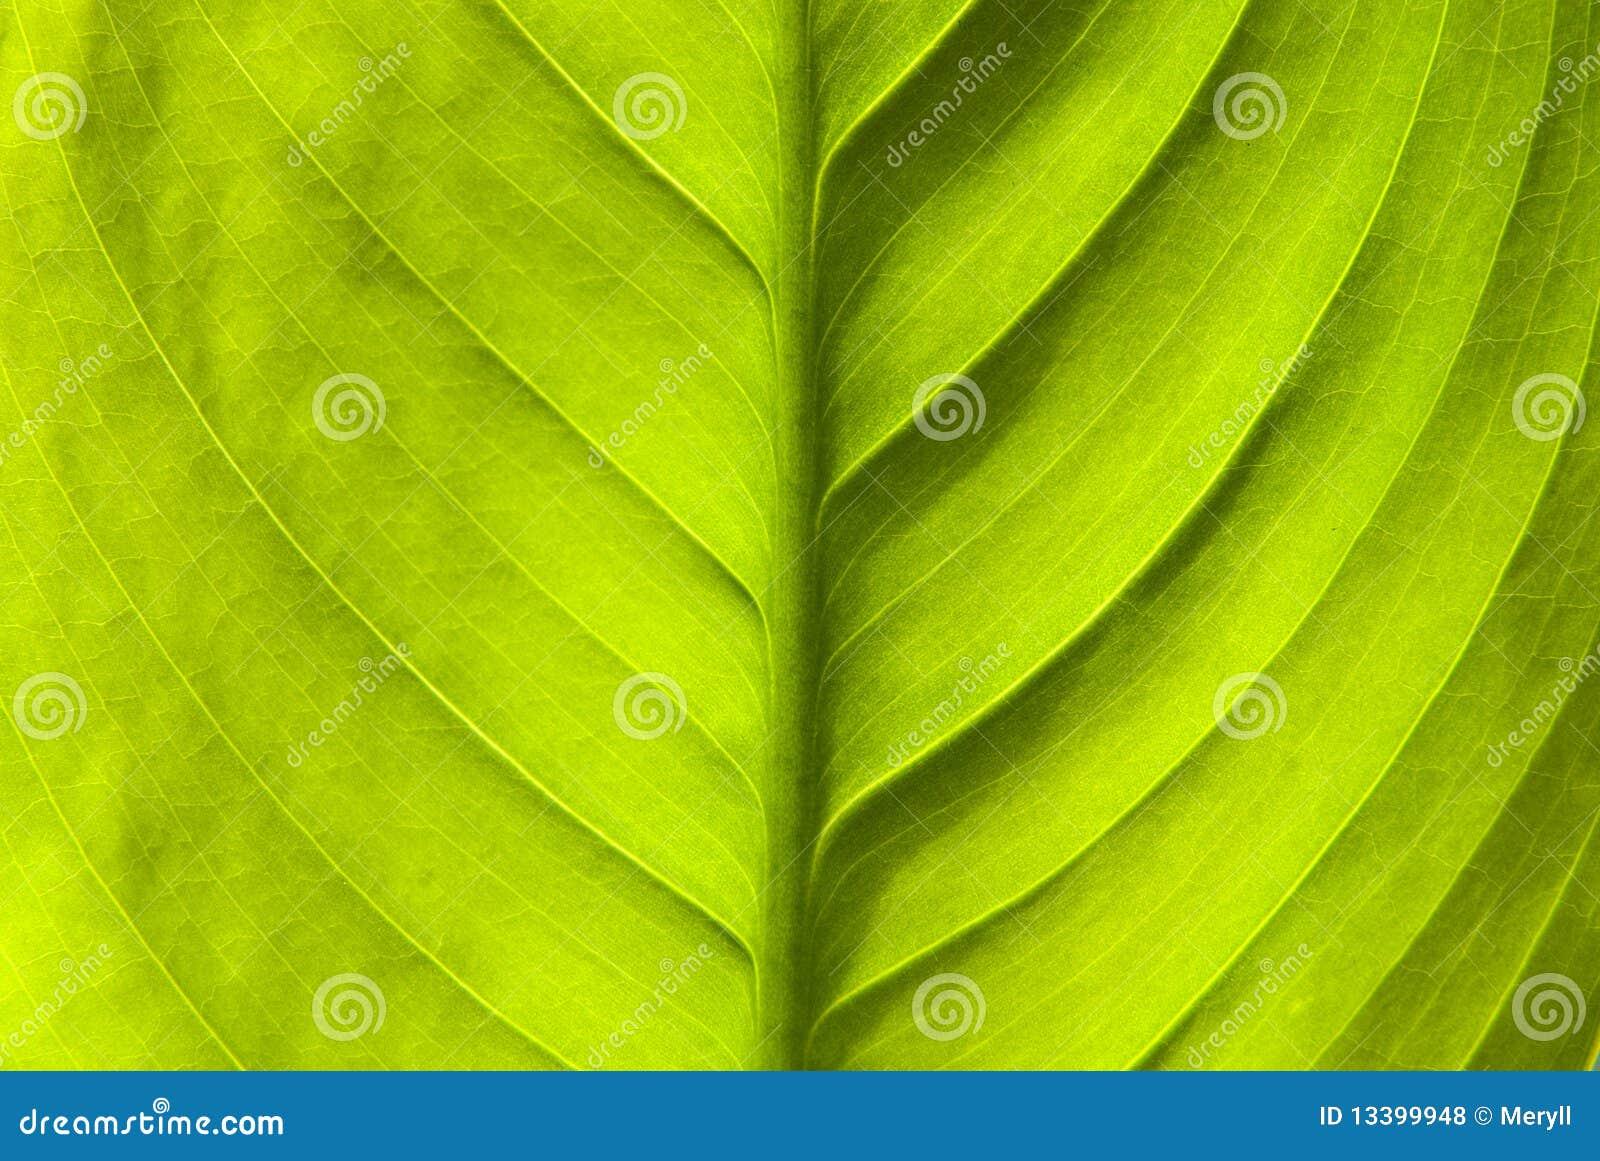 Tła zielona liść natura